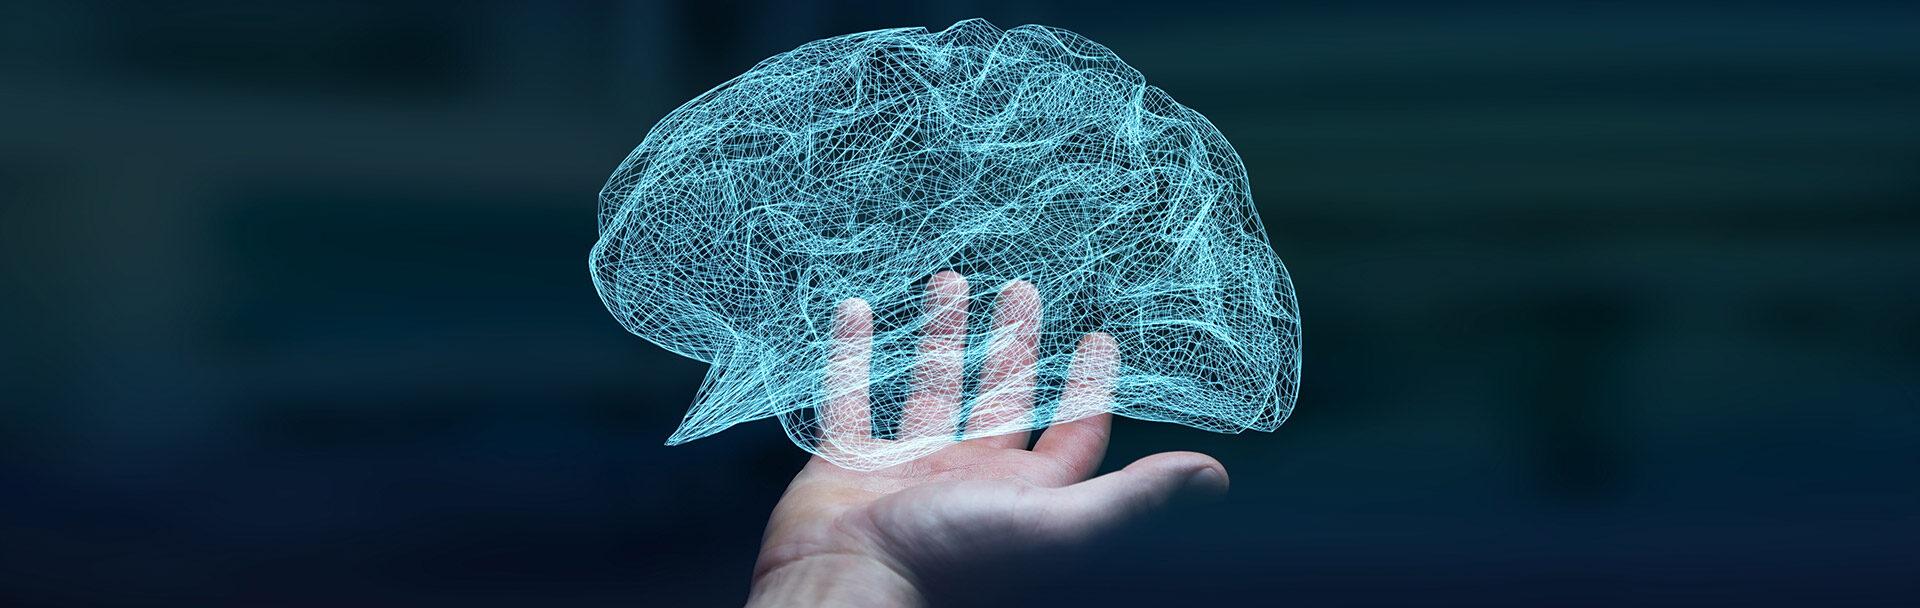 Zo zorg je voor vertrouwen in Machine Learning-toepassingen - Future Facts